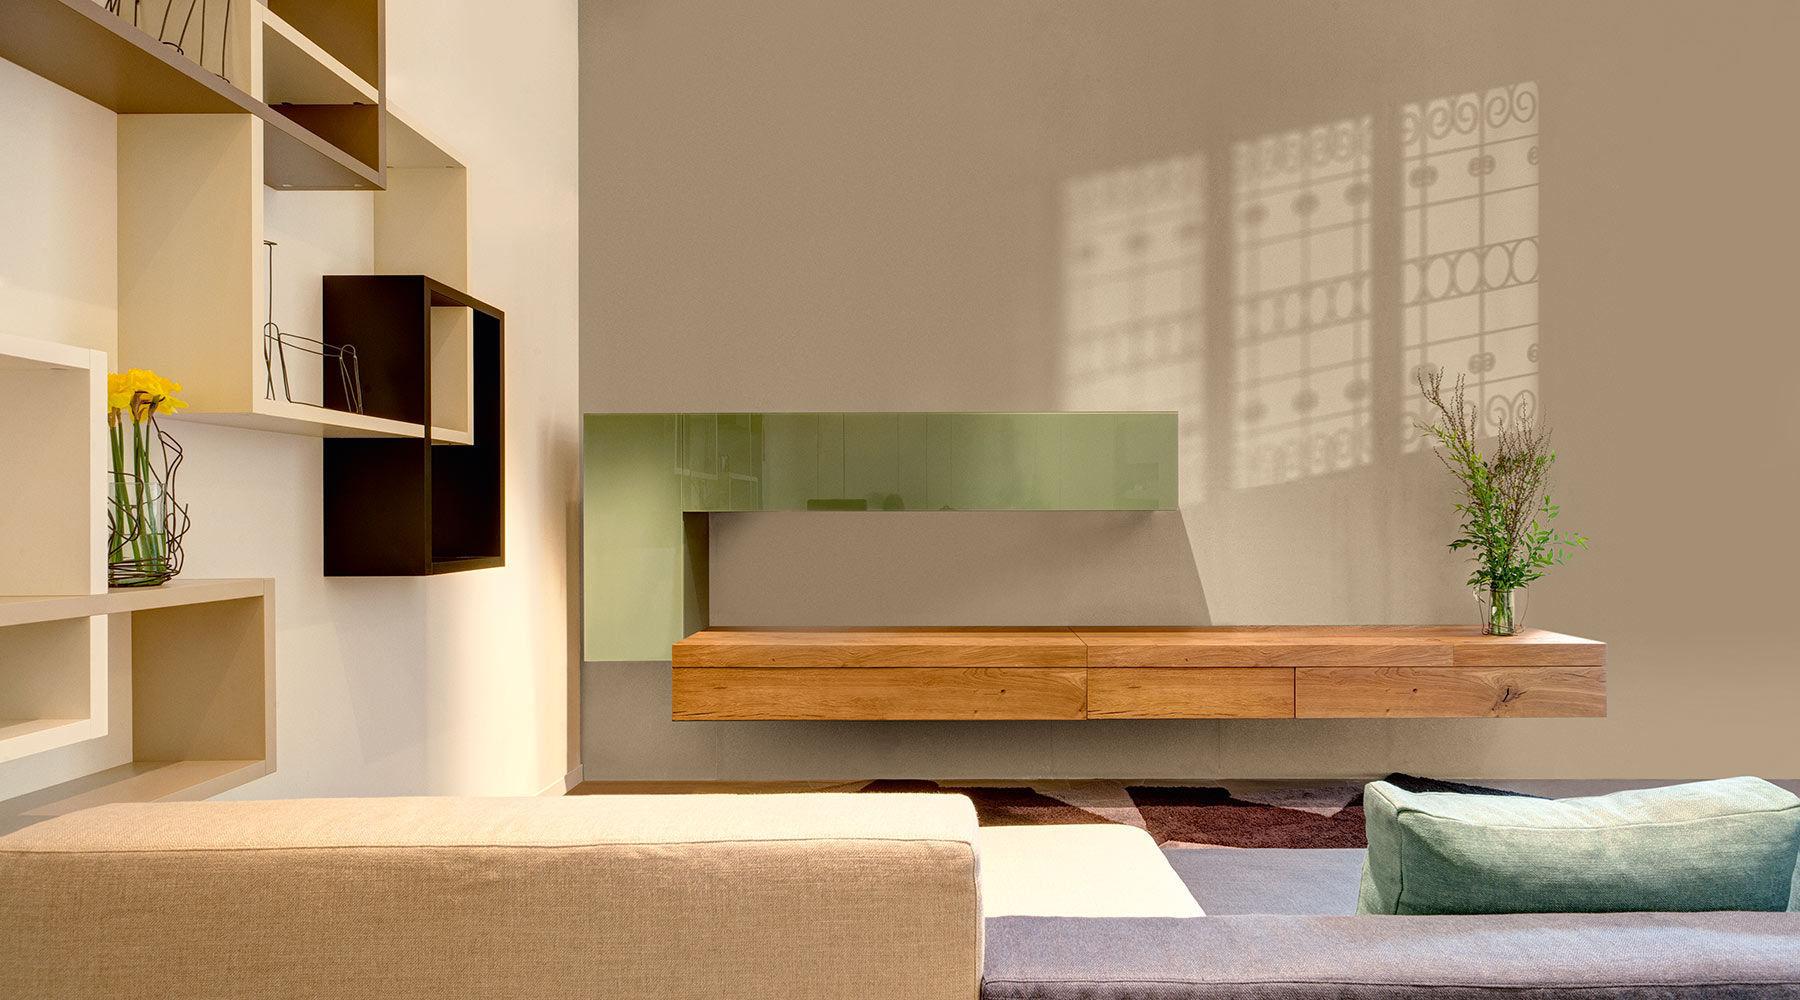 Mobili per il soggiorno: idee per arredare il soggiorno | Fabbri ...